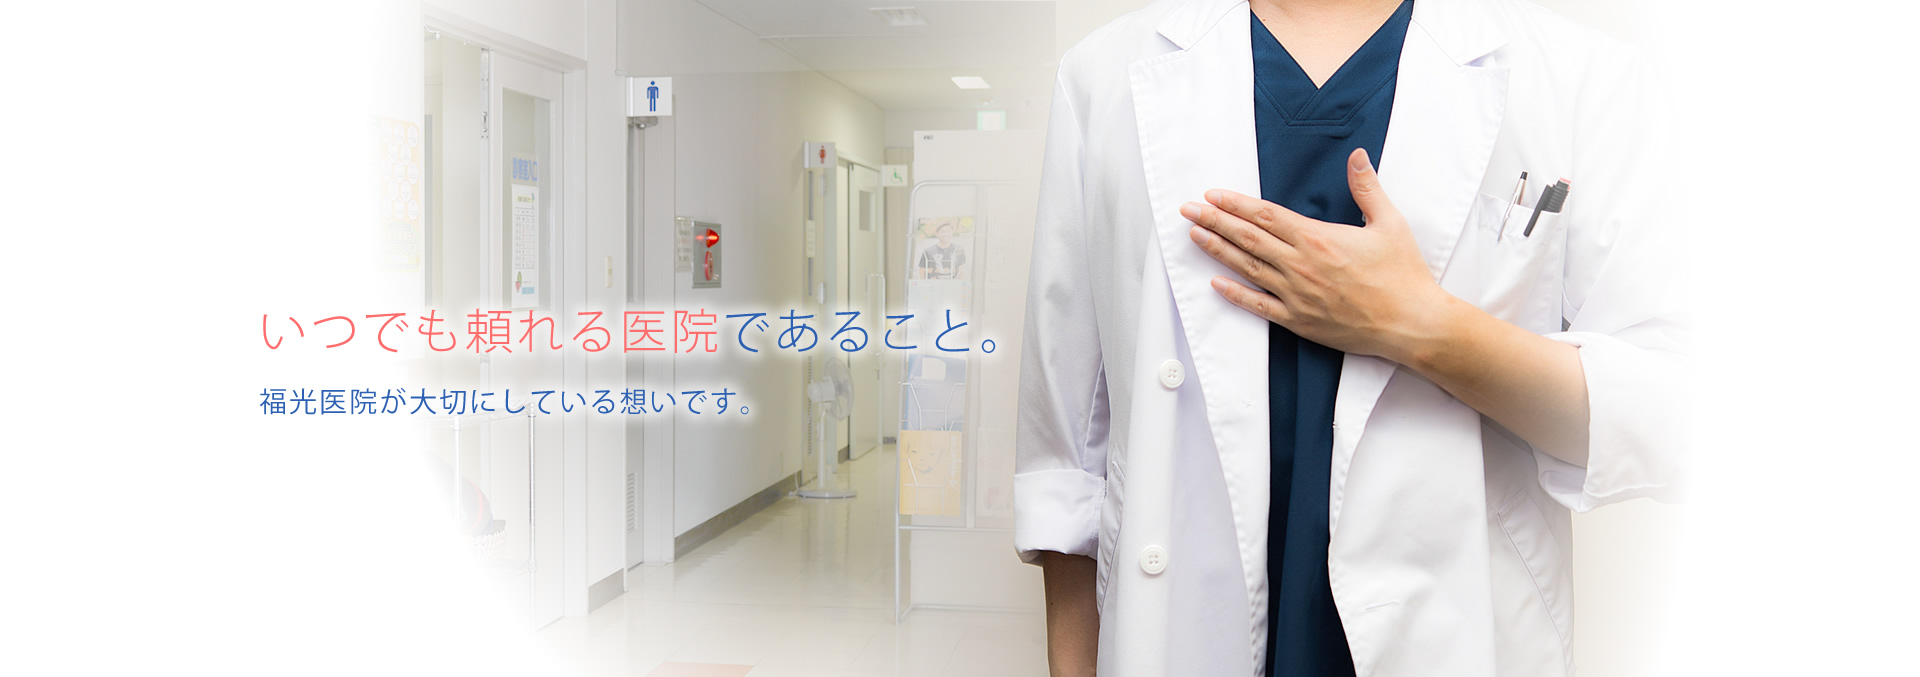 いつでも頼れる医院であること。福光医院が大切にしている想いです。